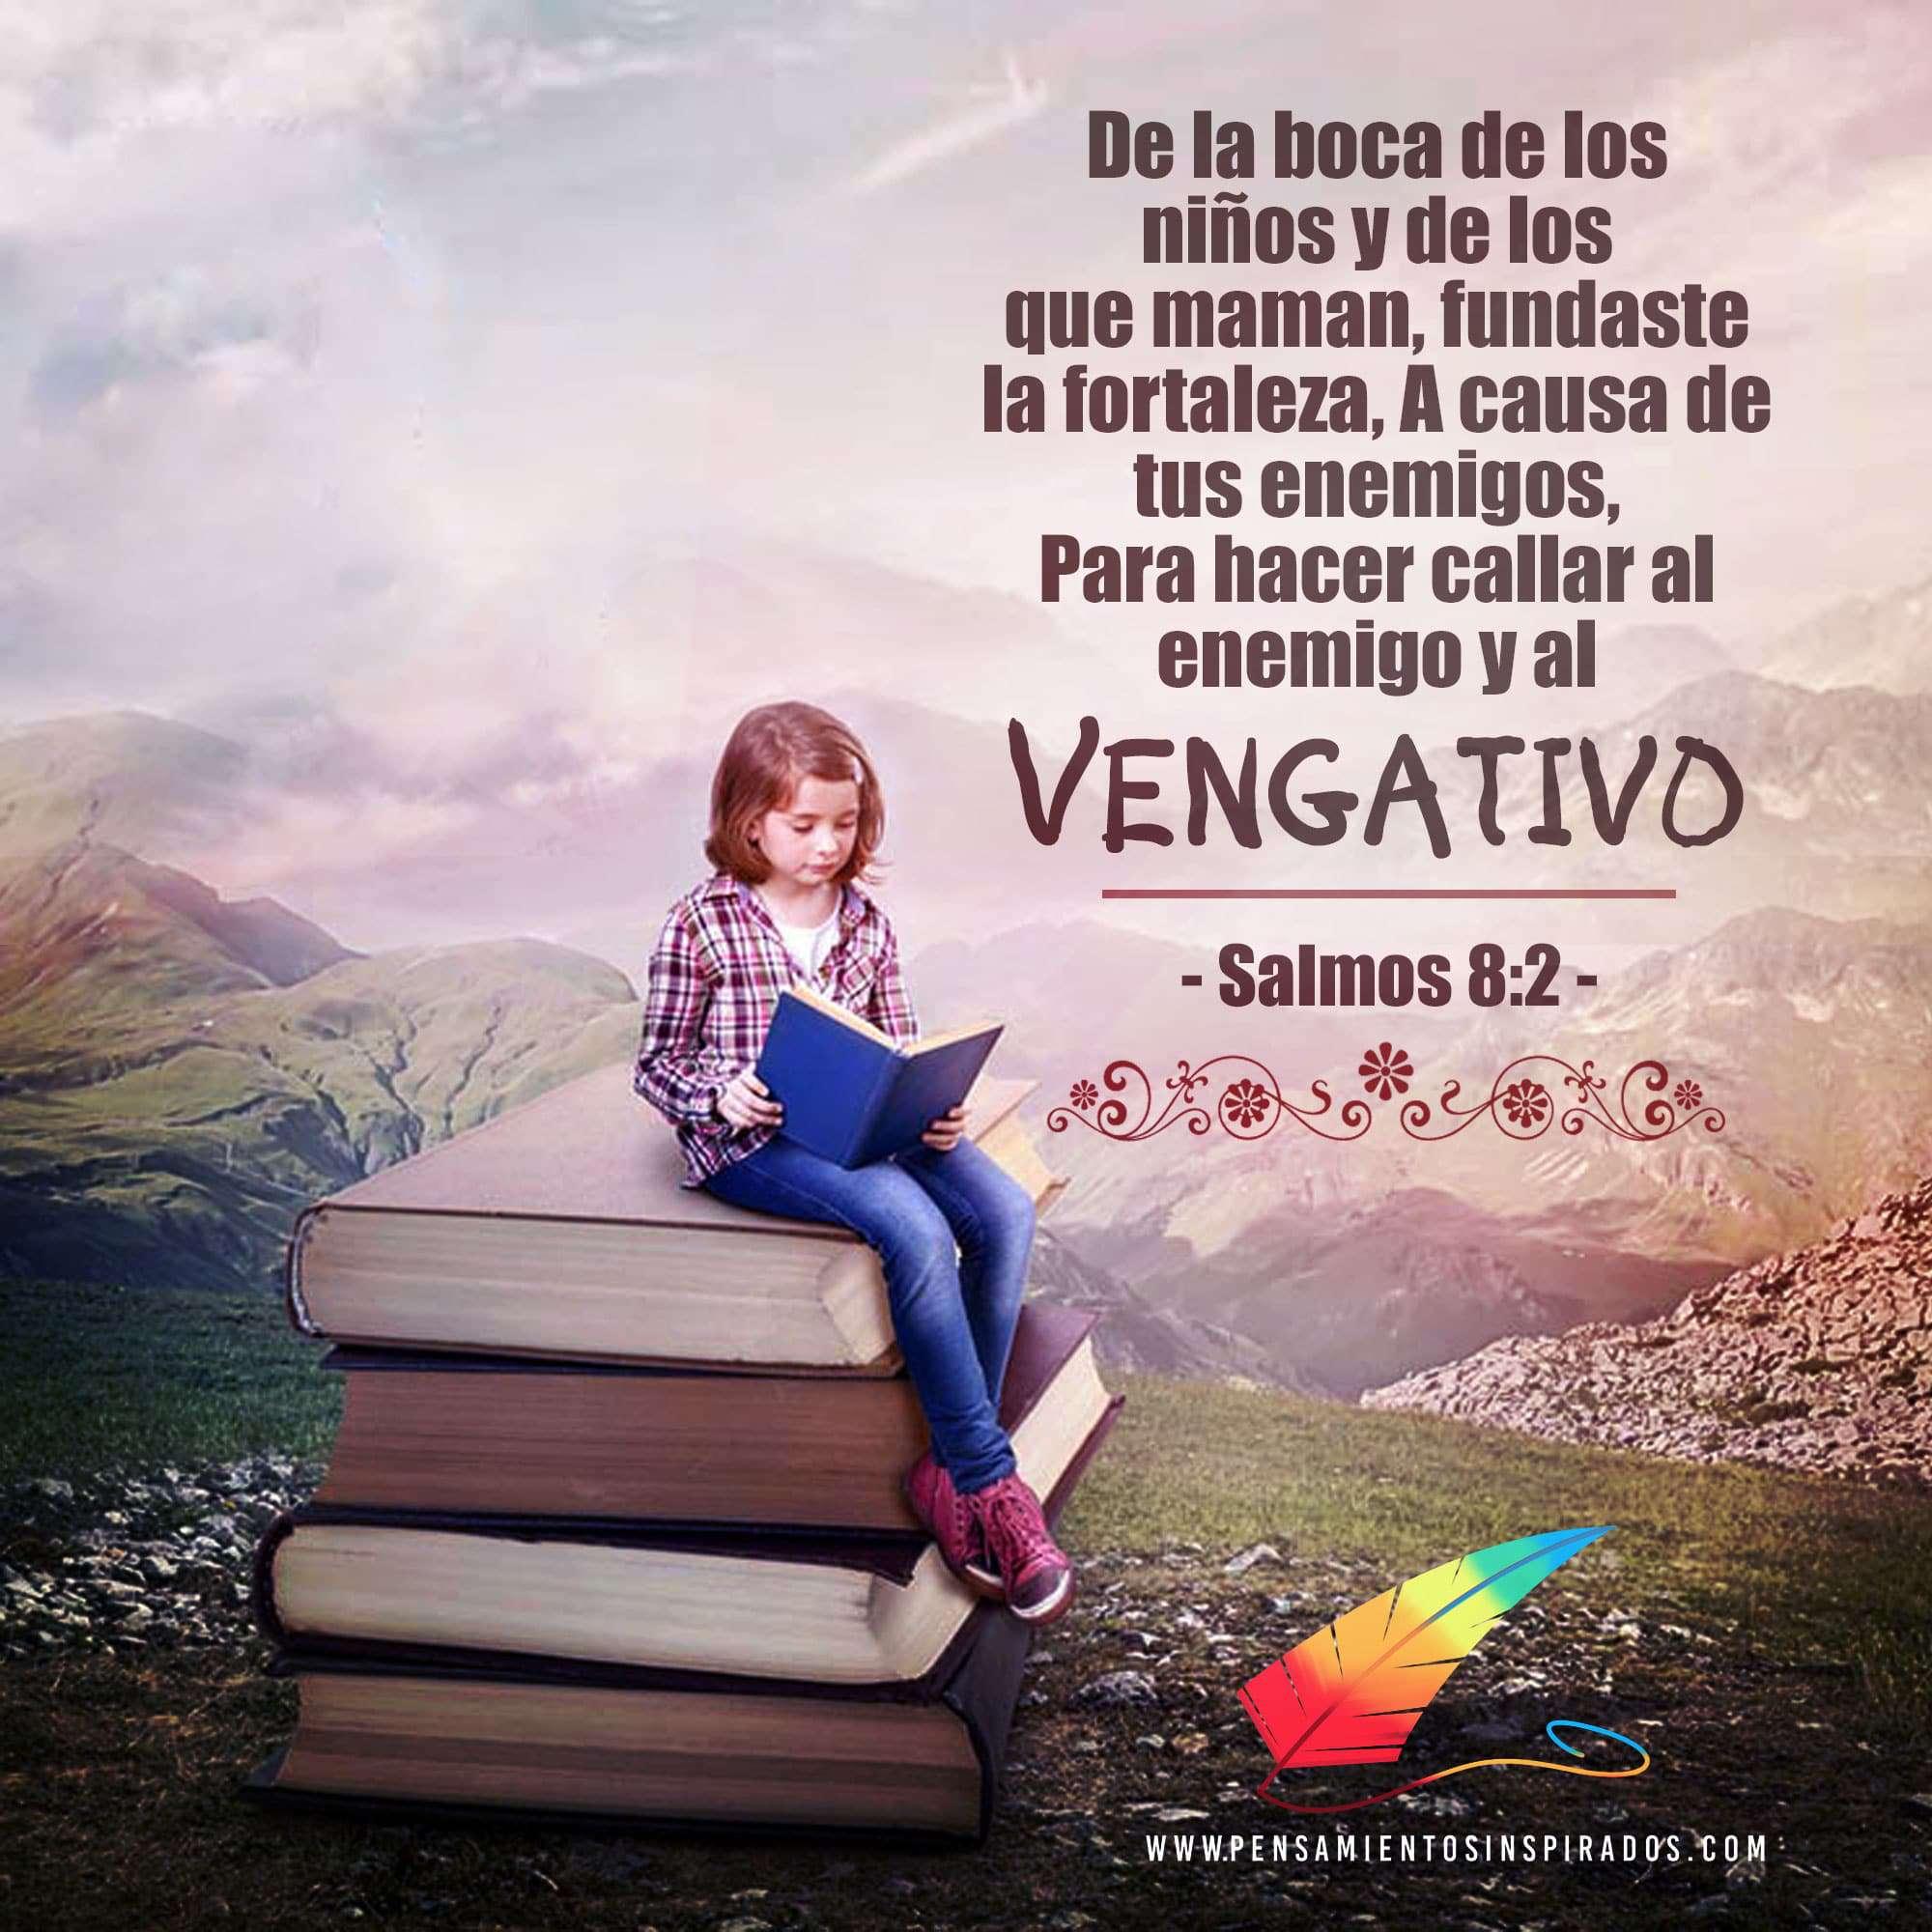 Imágenes de Salmos para compatir